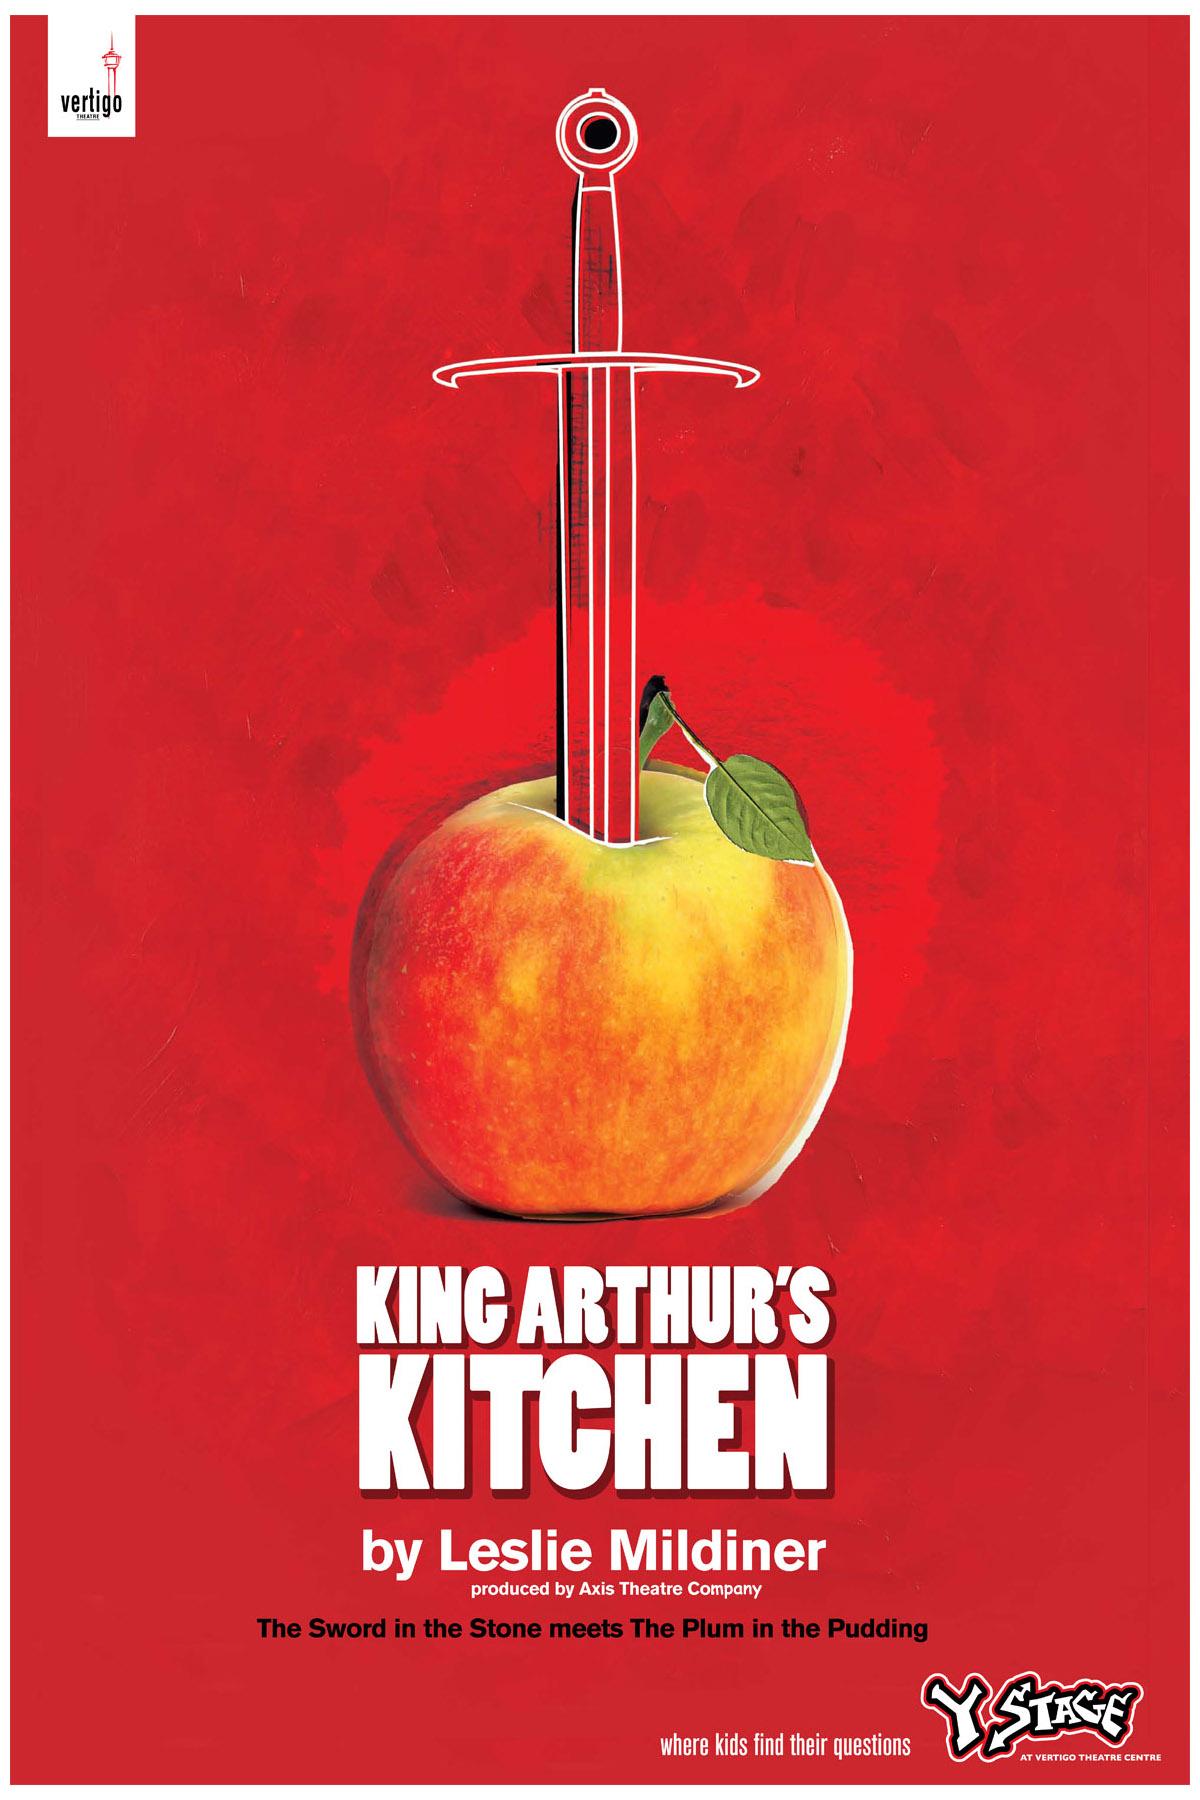 KING ARTHUR'S KITCHEN